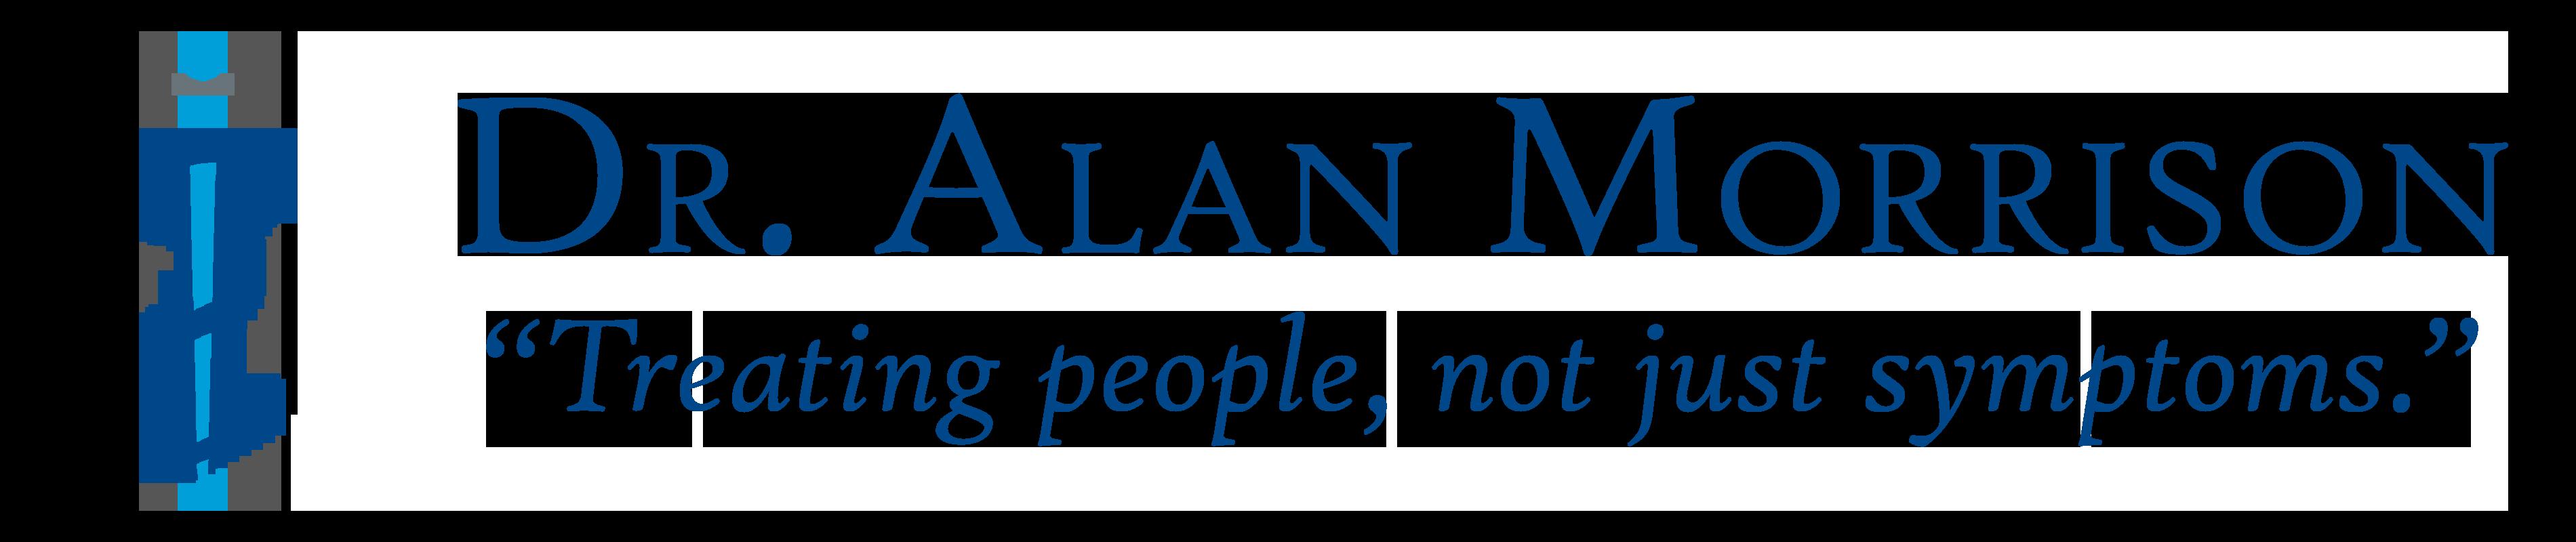 Alan Morrison, DO, FACP